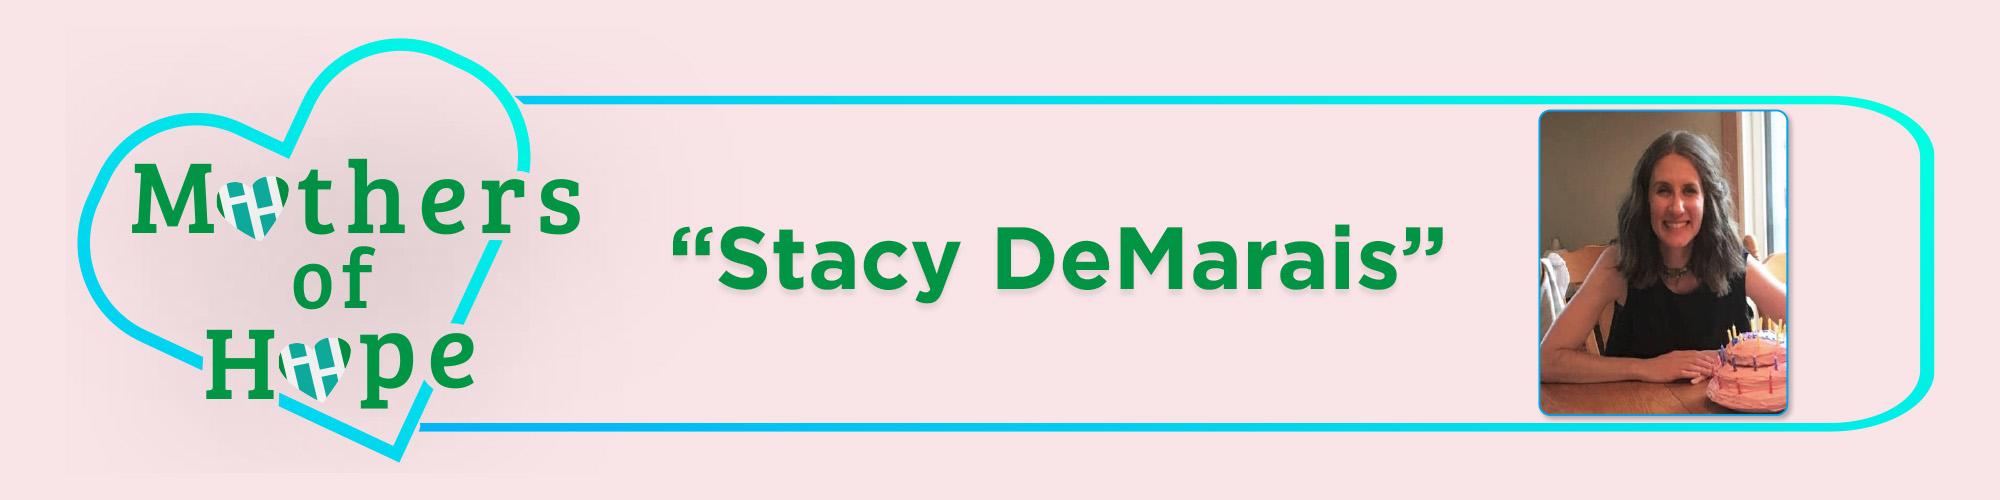 Stacy-DeMarais